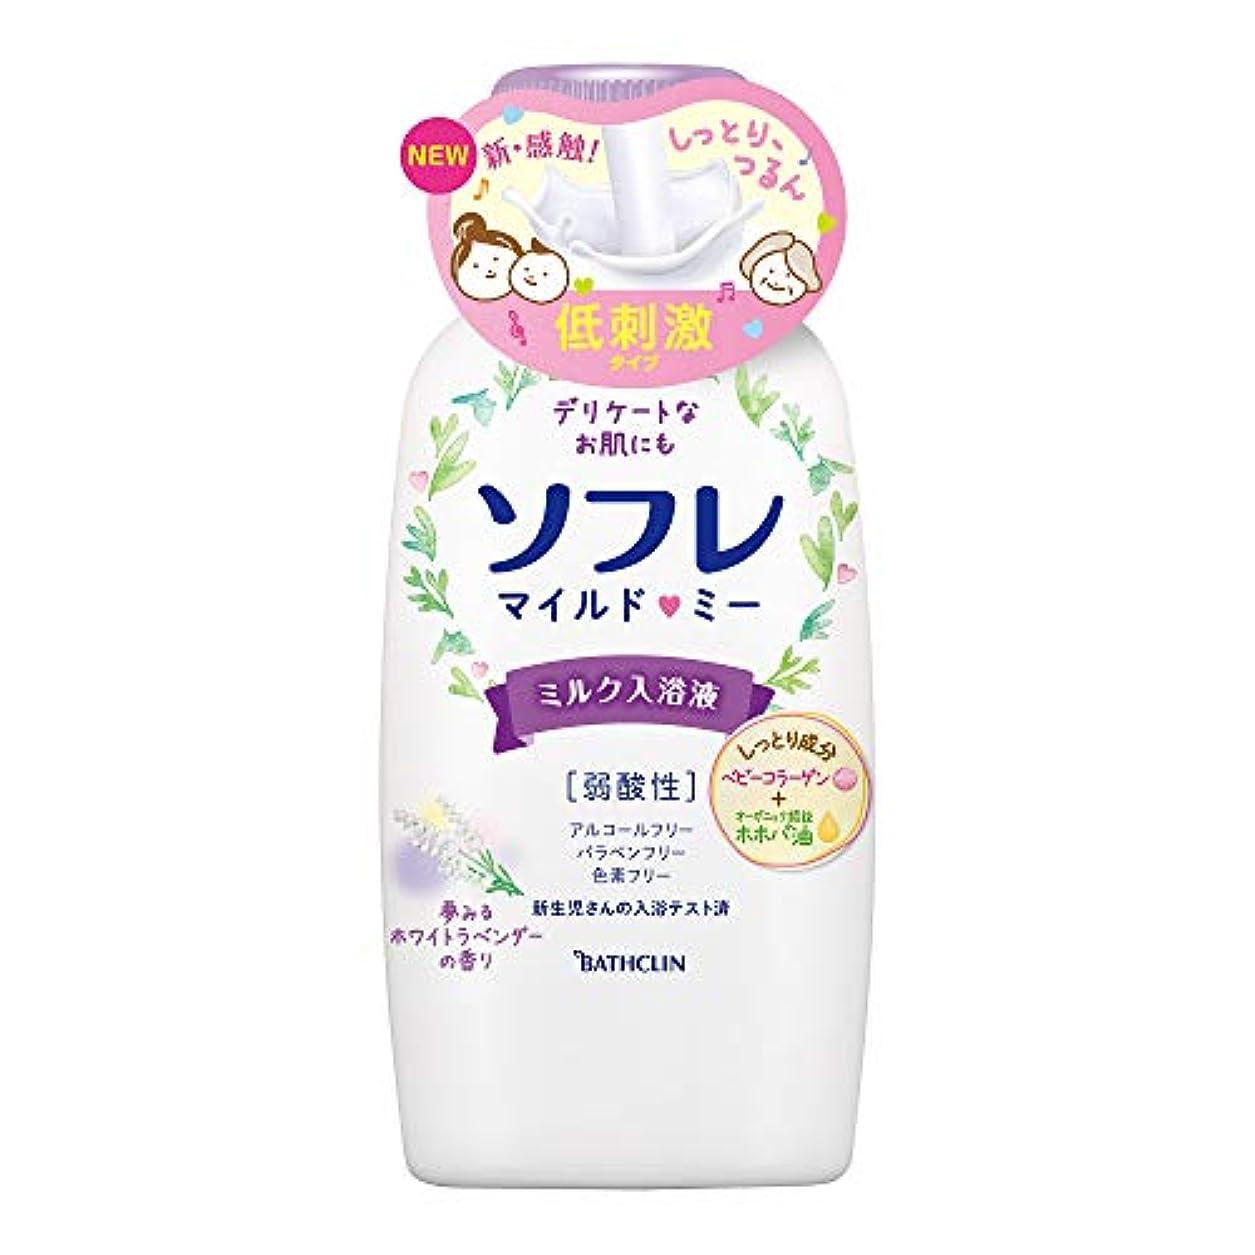 デザート誘導楽しいバスクリン ソフレ入浴液 マイルド?ミー ミルク 夢みるホワイトラベンダーの香り 本体720mL保湿 成分配合 赤ちゃんと一緒に使えます。